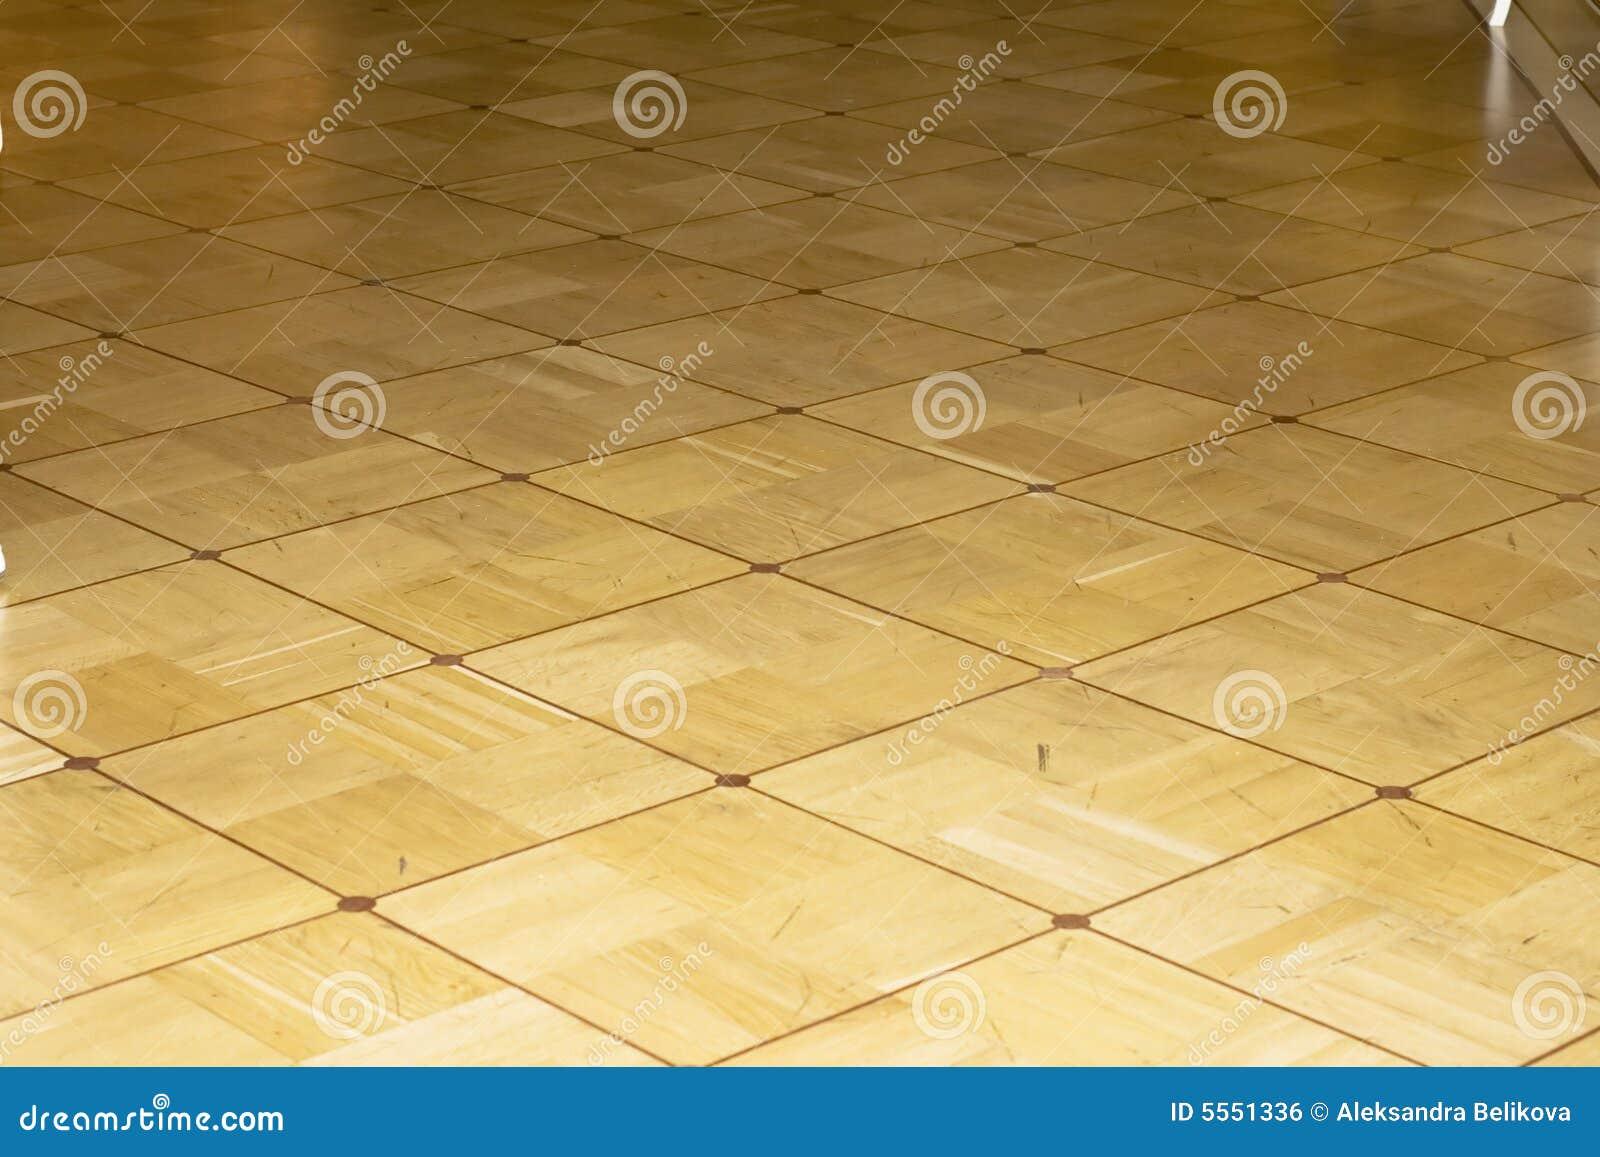 Hölzerner Fußbodenbelag ~ Hölzerner fußboden stockfoto bild von fußboden eiche